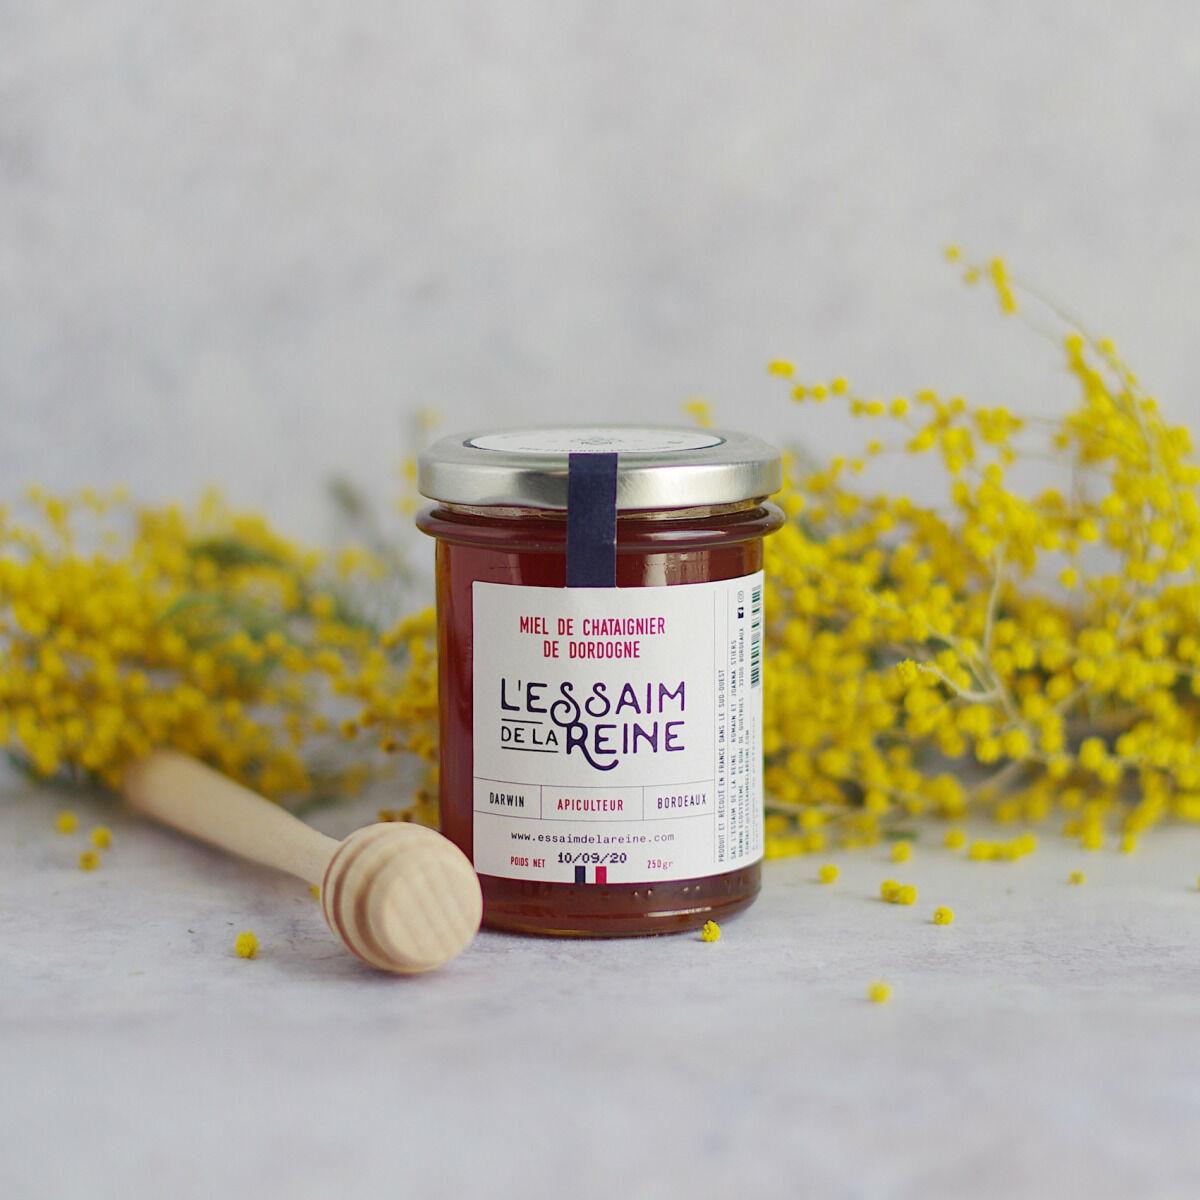 L'Essaim de la Reine Miel de chataignier de Dordogne - 250g - récolté en France par l'apiculteur